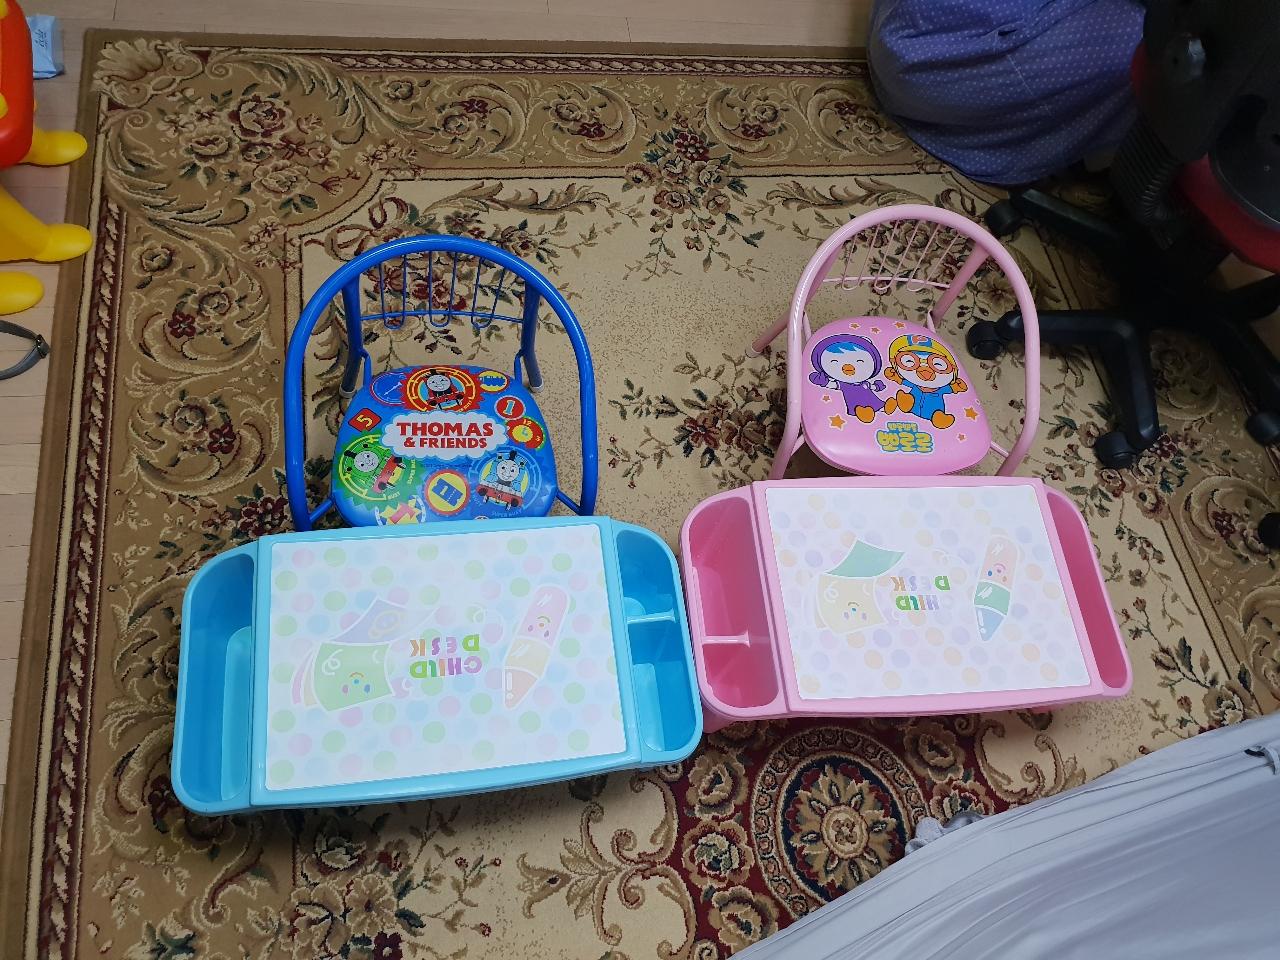 2세트) 유아 책상+의자 공부책상 뽀로로의자 토마스의자 철제의자 유아책상 유아의자